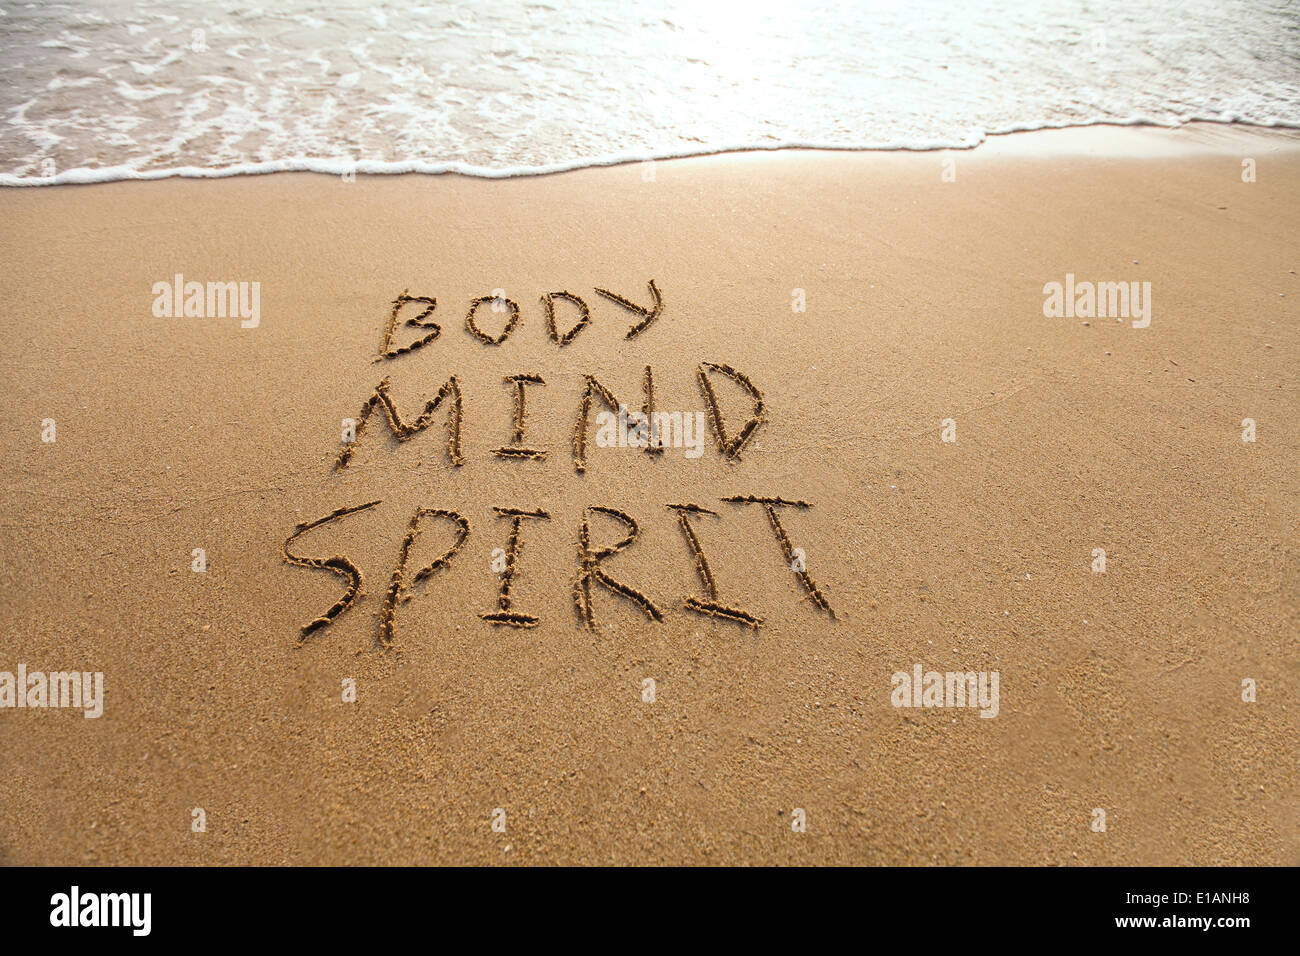 El cuerpo, la mente y el espíritu Imagen De Stock